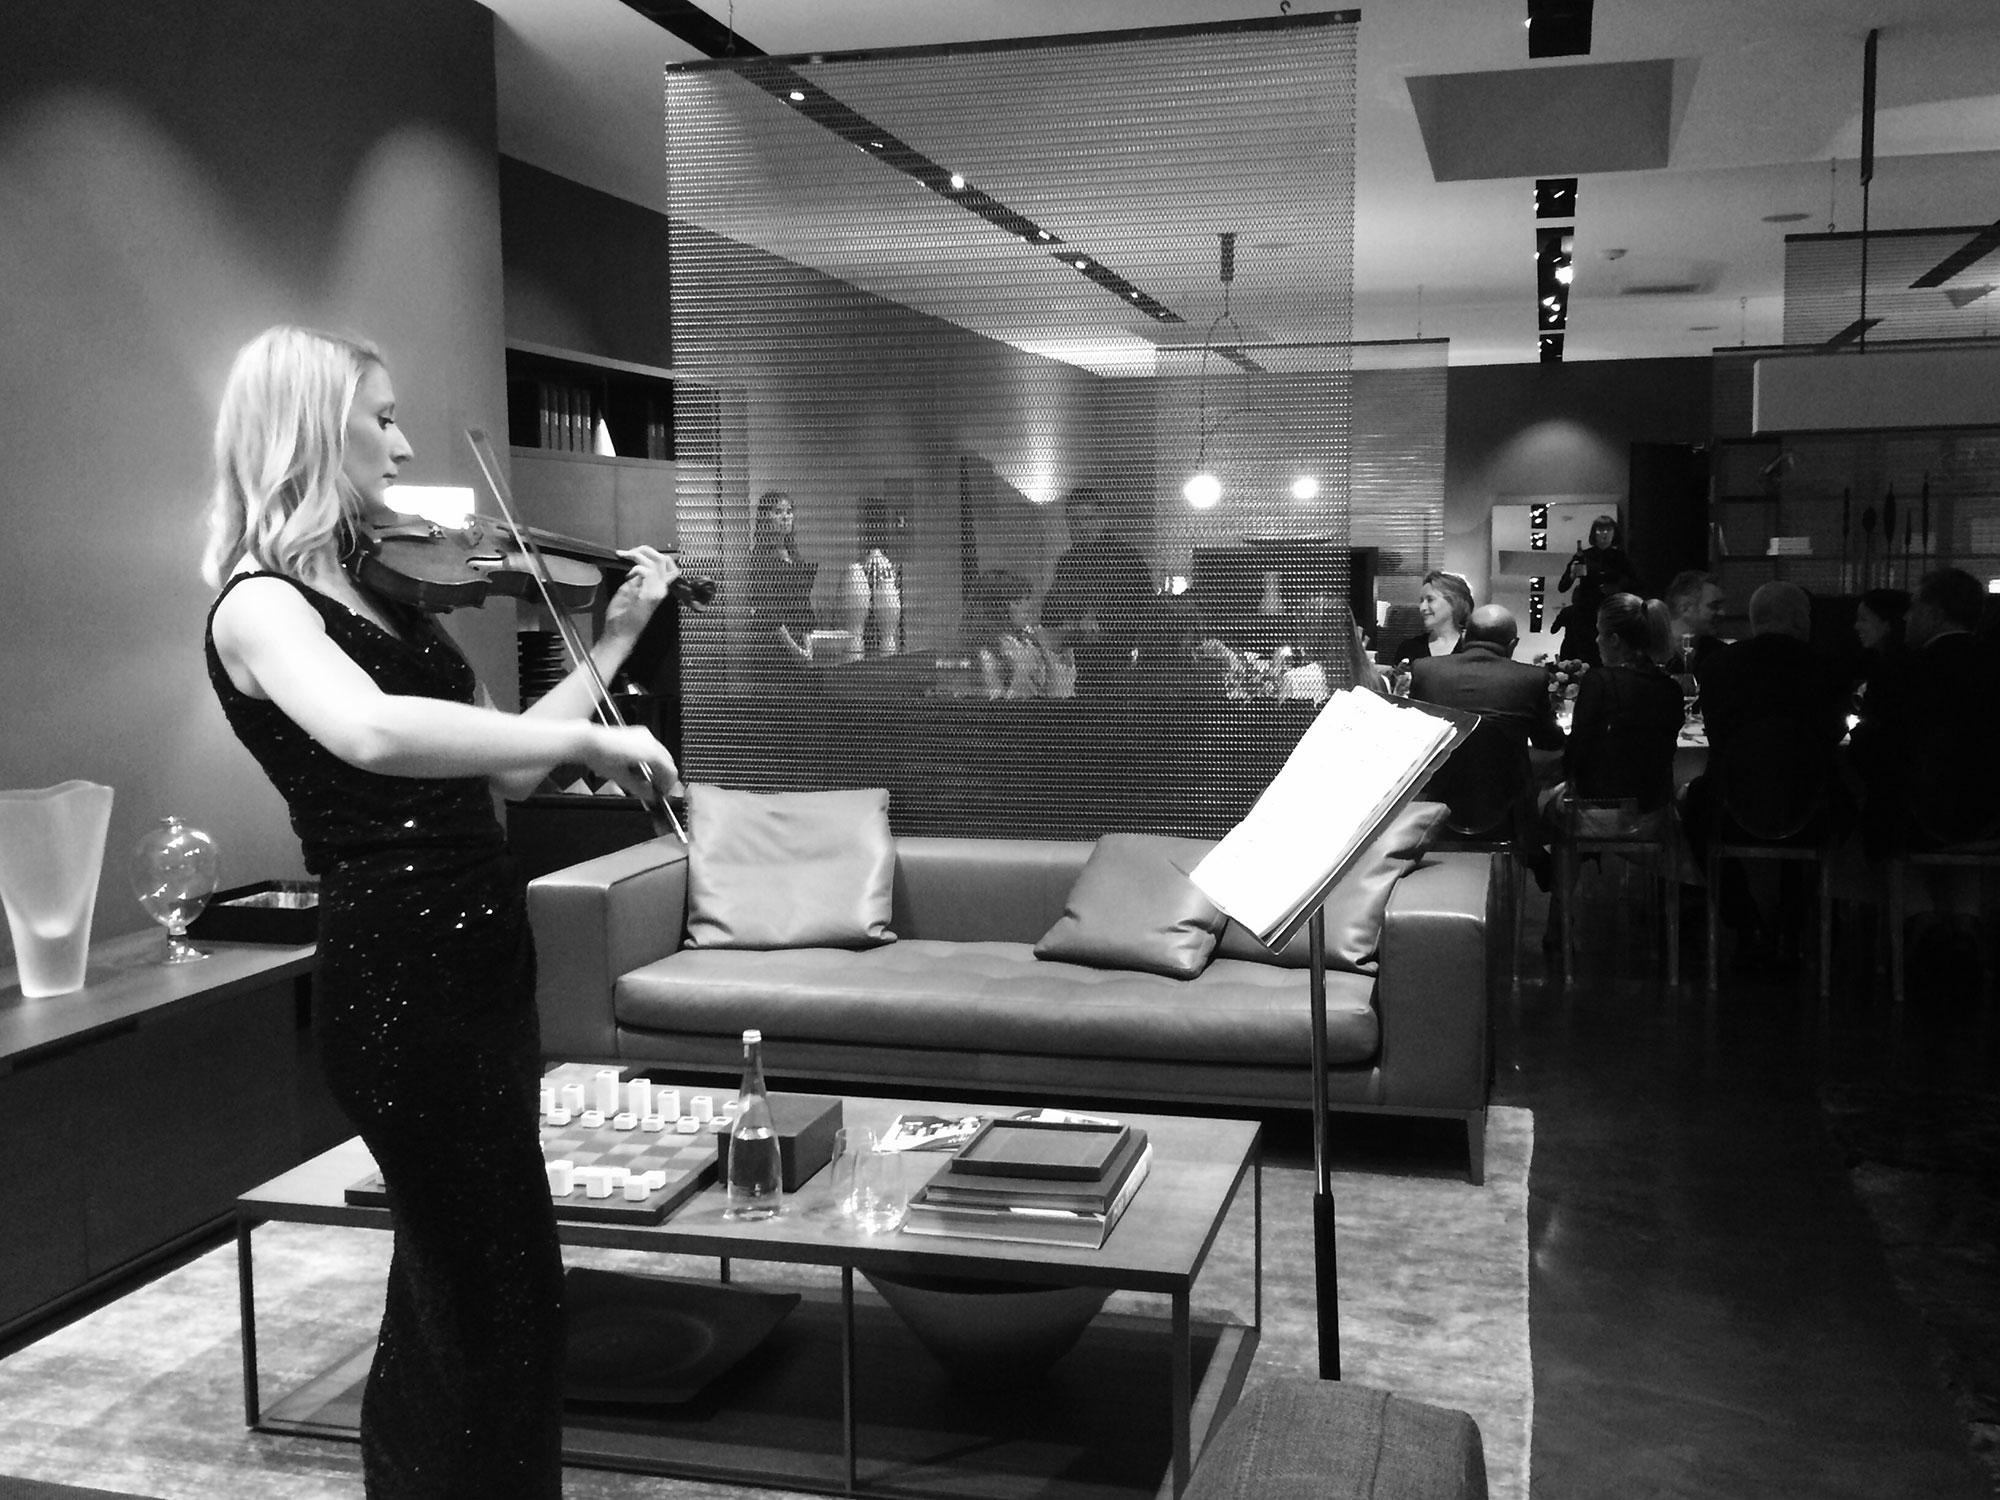 gulla-jonsdottir-news-maxalto-violin.jpg